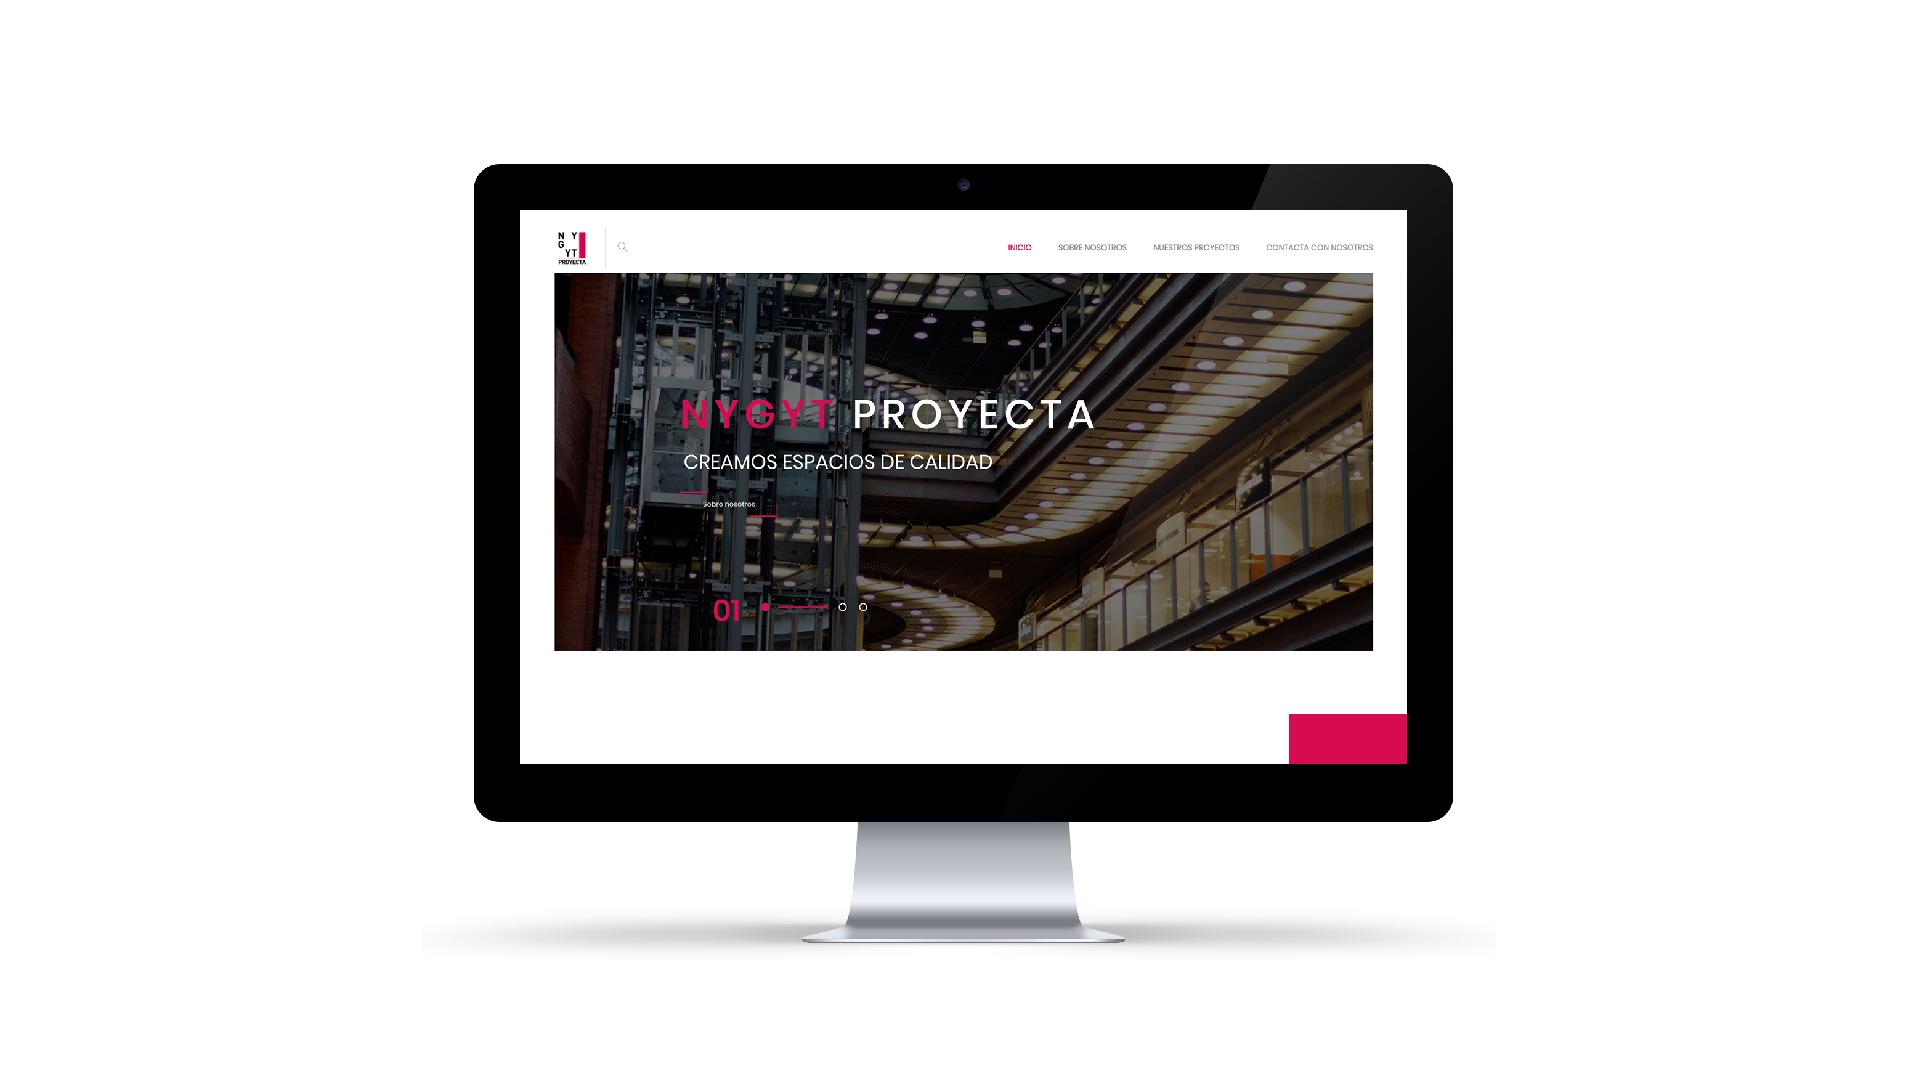 agencia de publicidad en sevilla, diseño web, diseño web en Sevilla, creación de páginas web